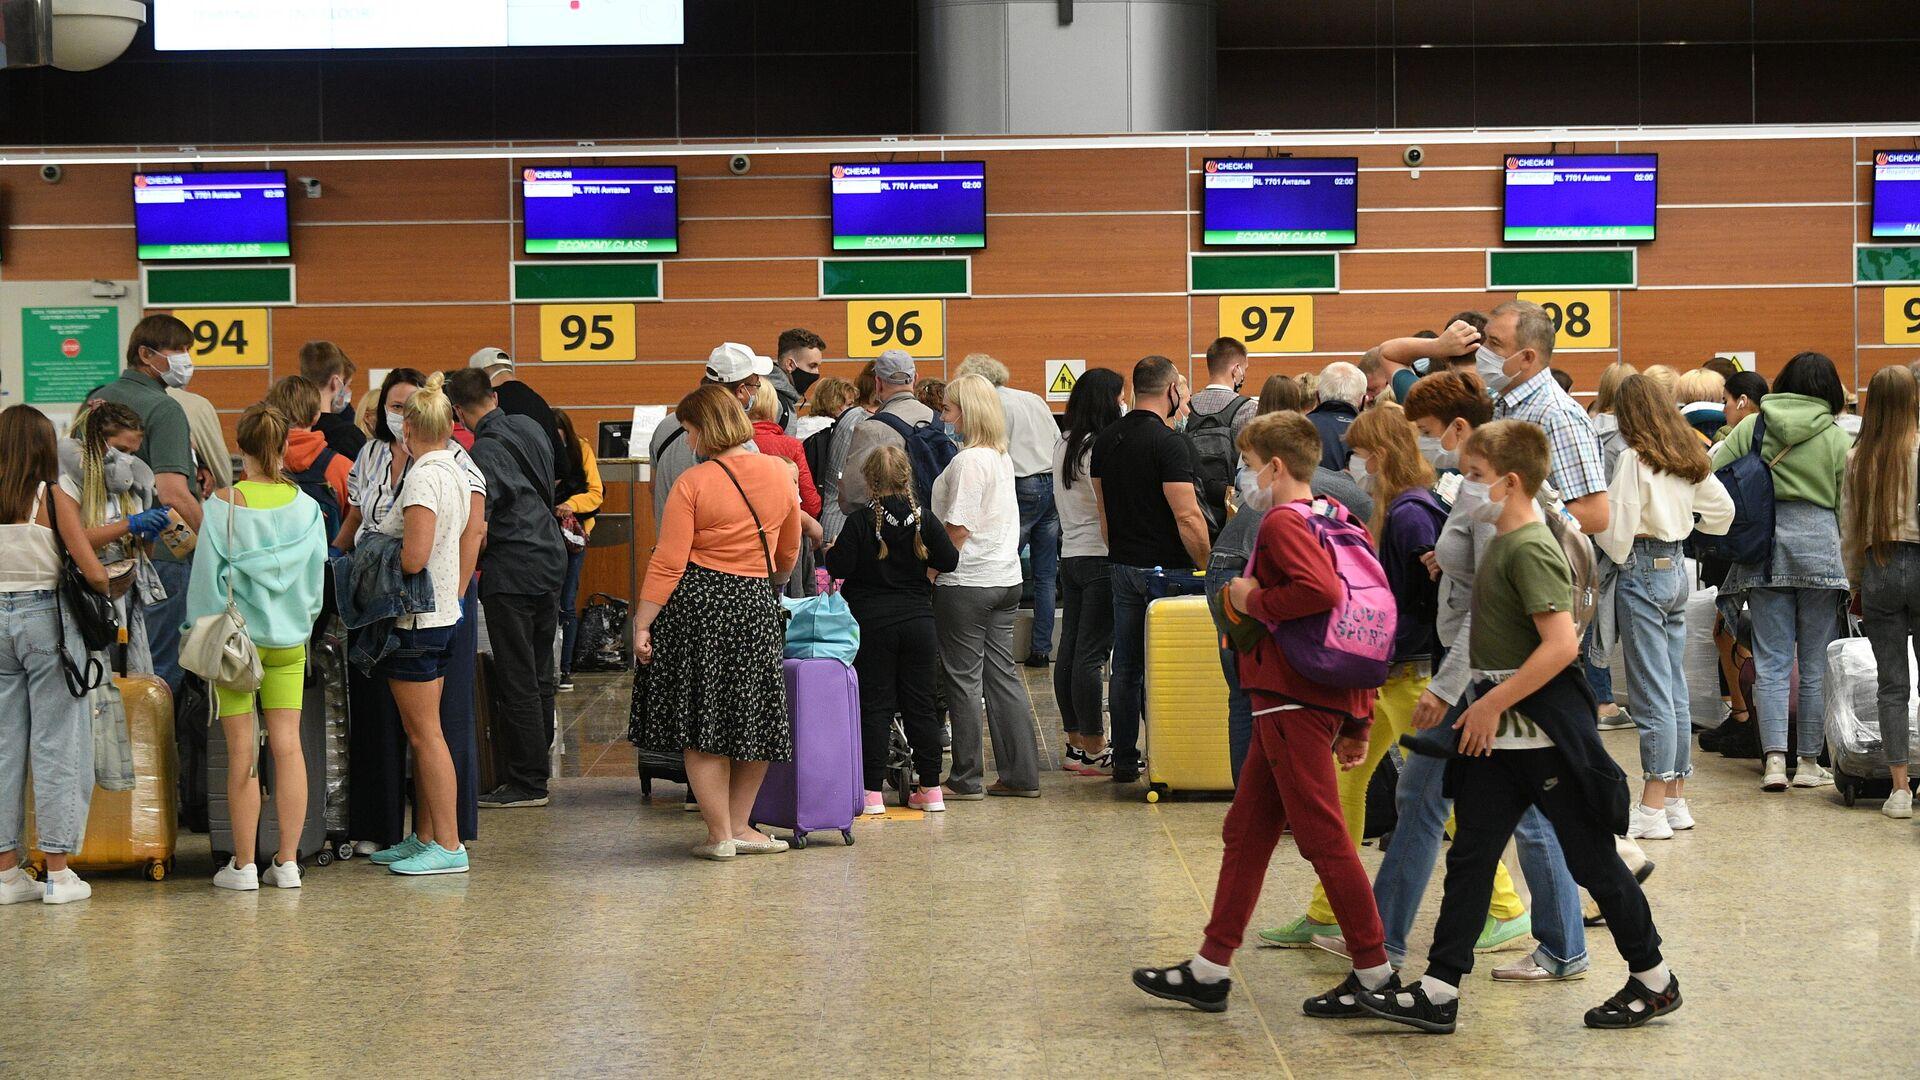 Пассажиры в международном аэропорту Шереметьево в Москве - РИА Новости, 1920, 24.08.2020